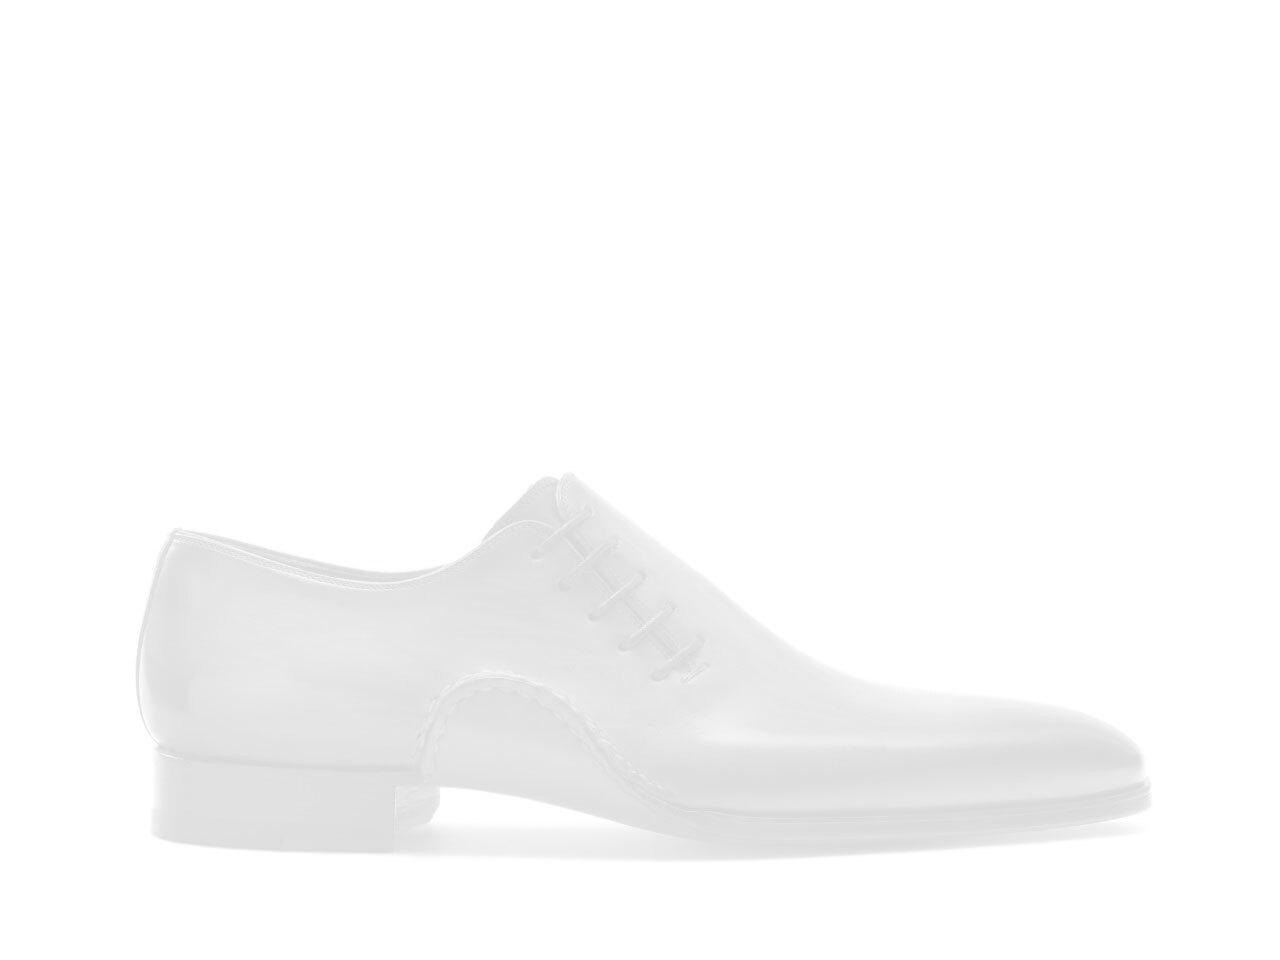 Pair of the Magnanni Dante Black Patent Men's Derby Shoes